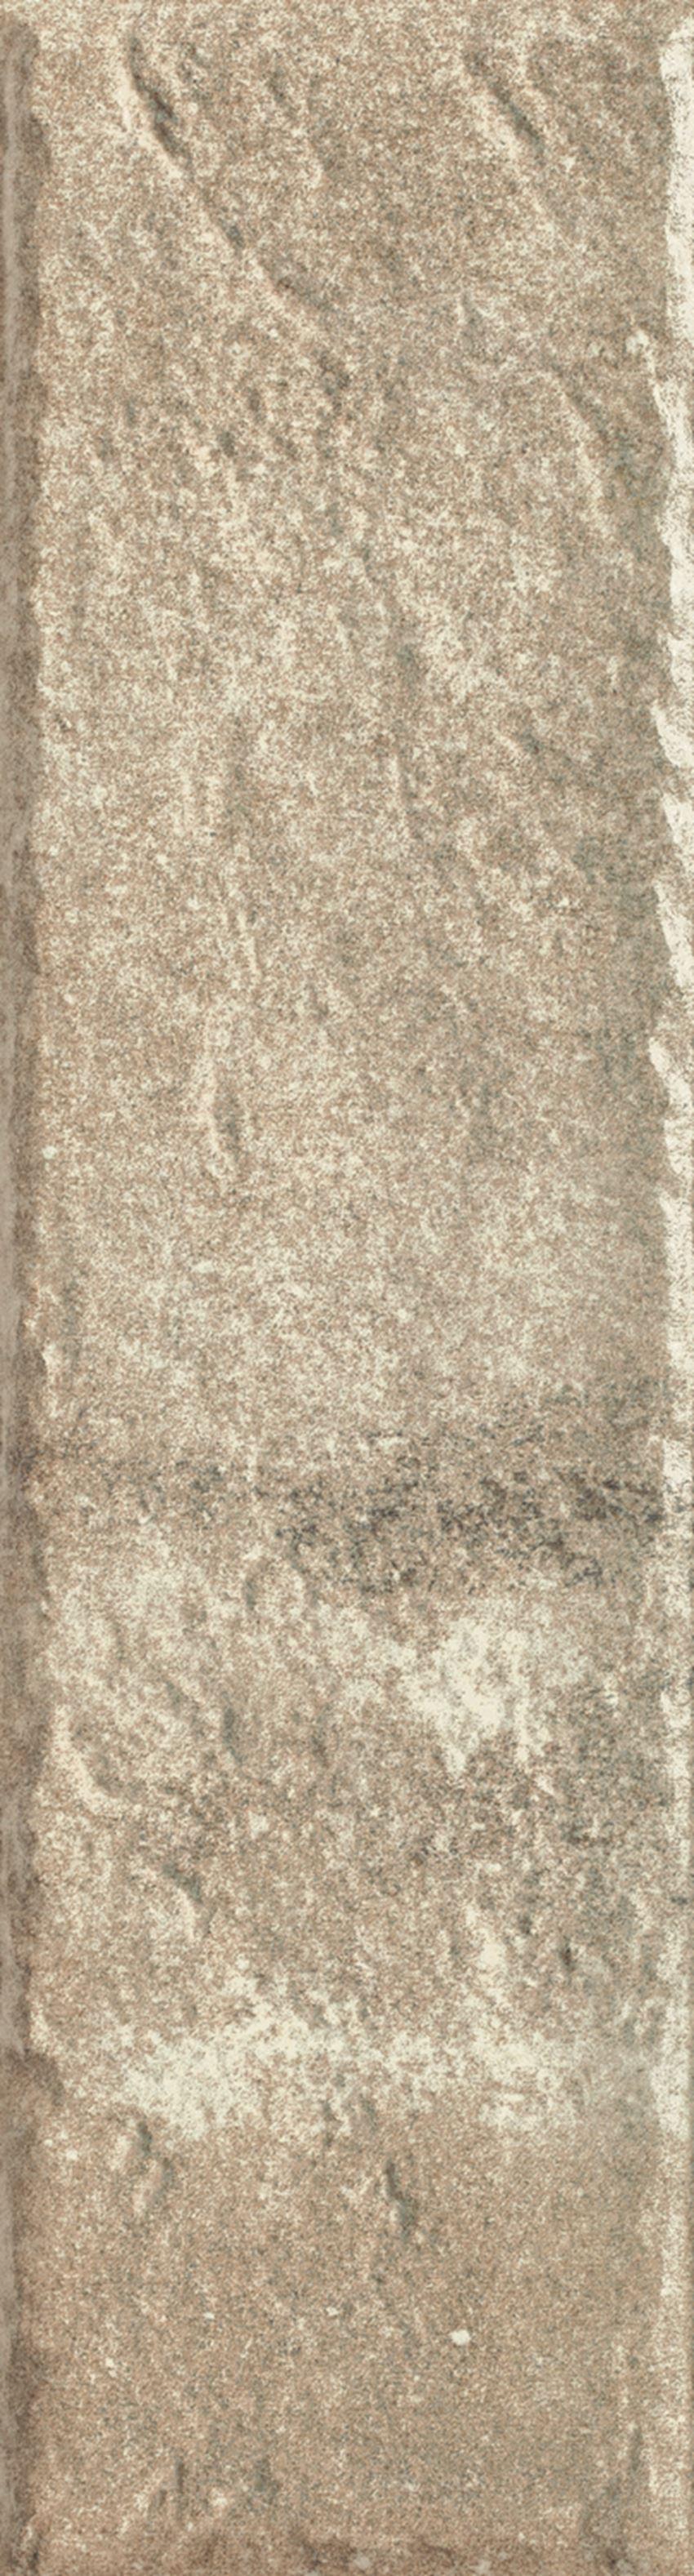 Płytka elewacyjna 6,6x24,5 cm Paradyż Scandiano Ochra Elewacja 24,5X6,6